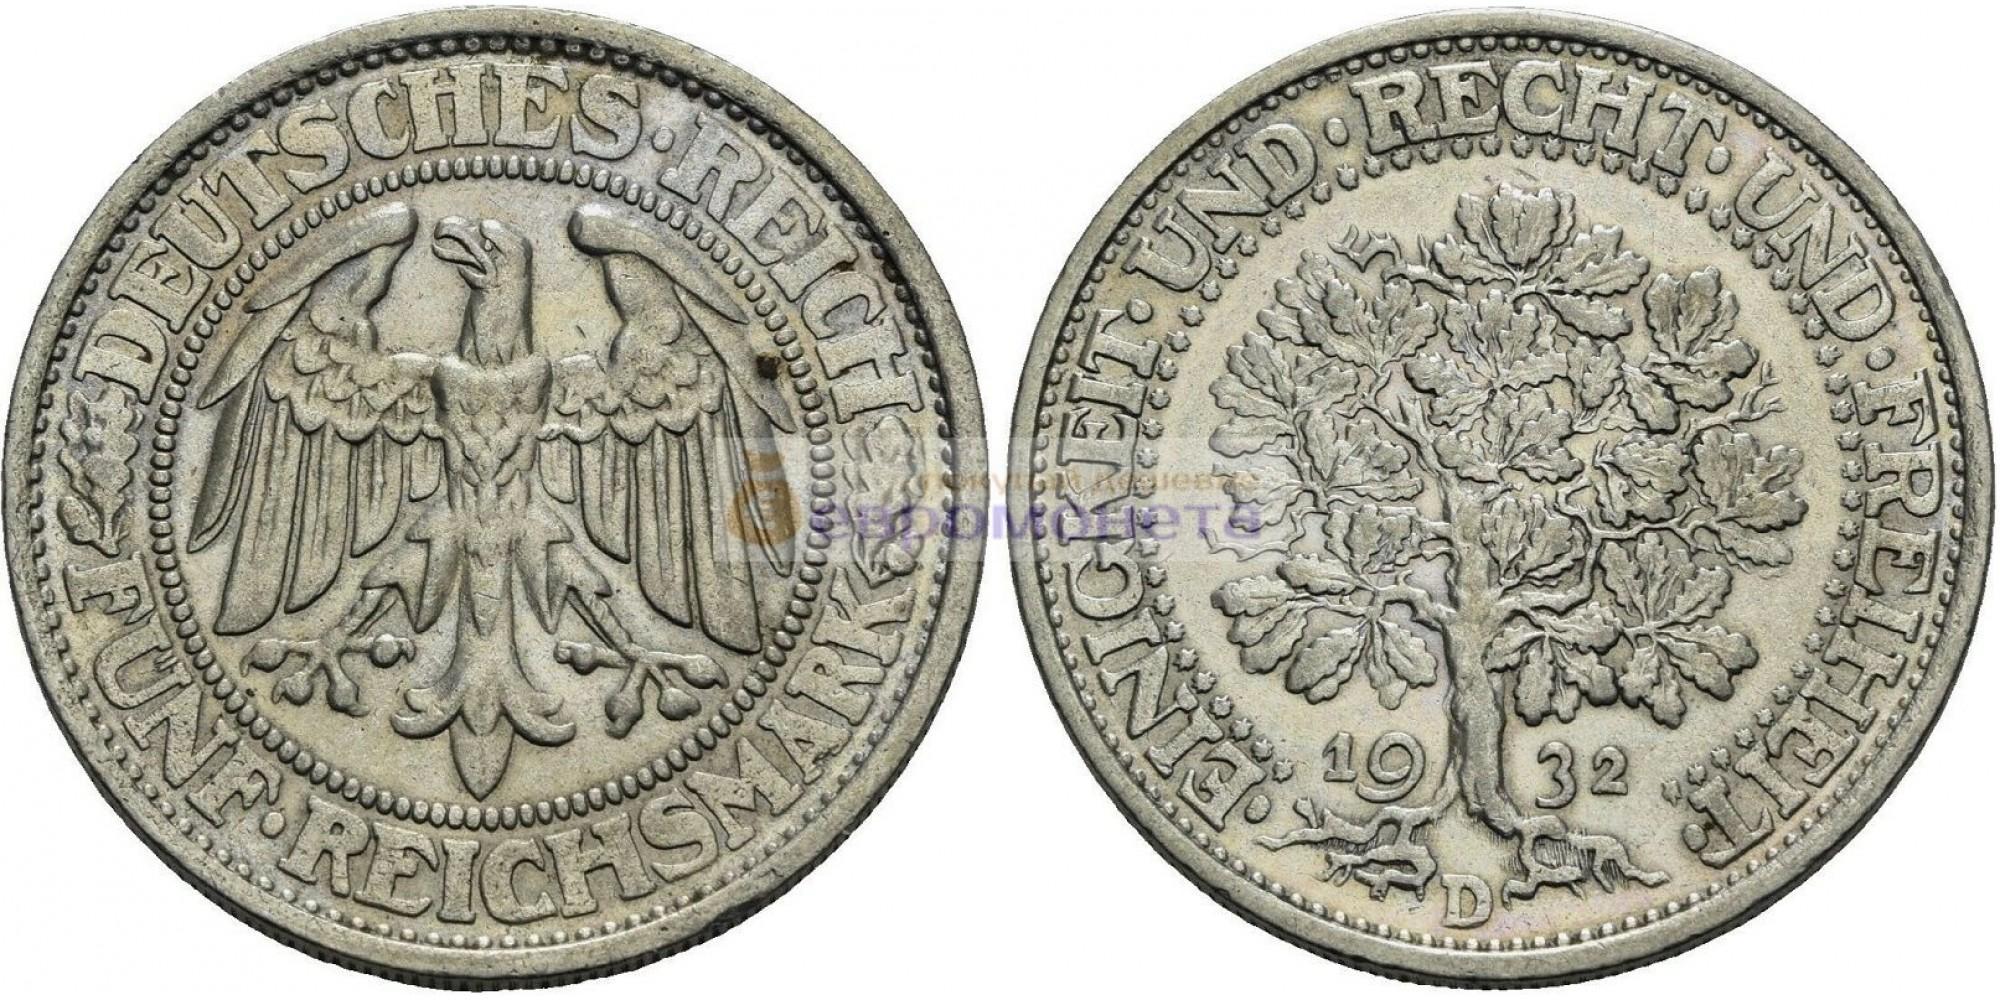 Германия Веймарская республика 5 рейхсмарок 1932 год D. Серебро